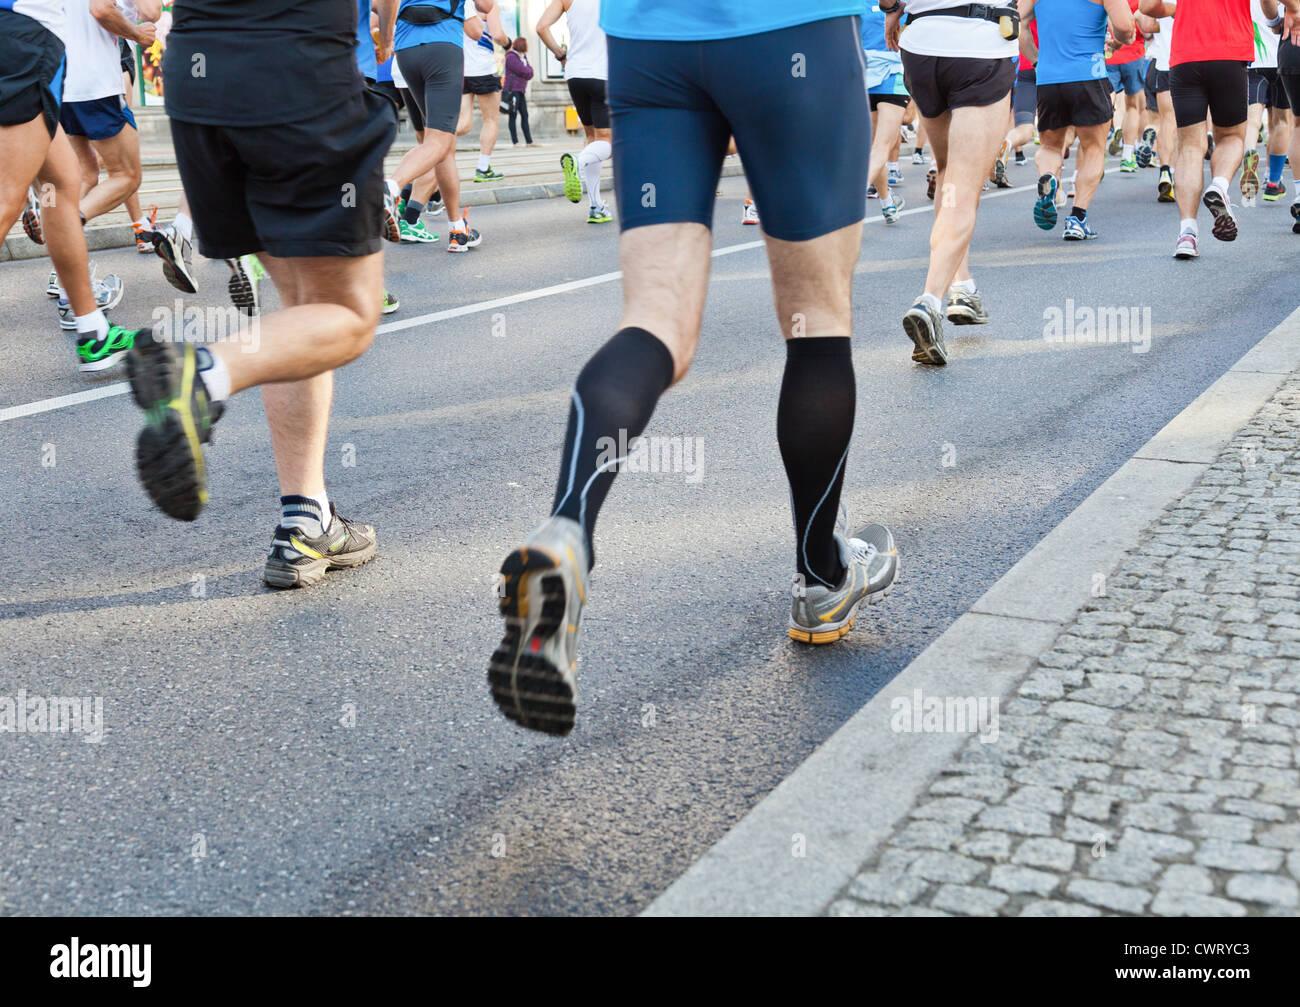 Les gens courir vite dans une ville marathon sur street Photo Stock